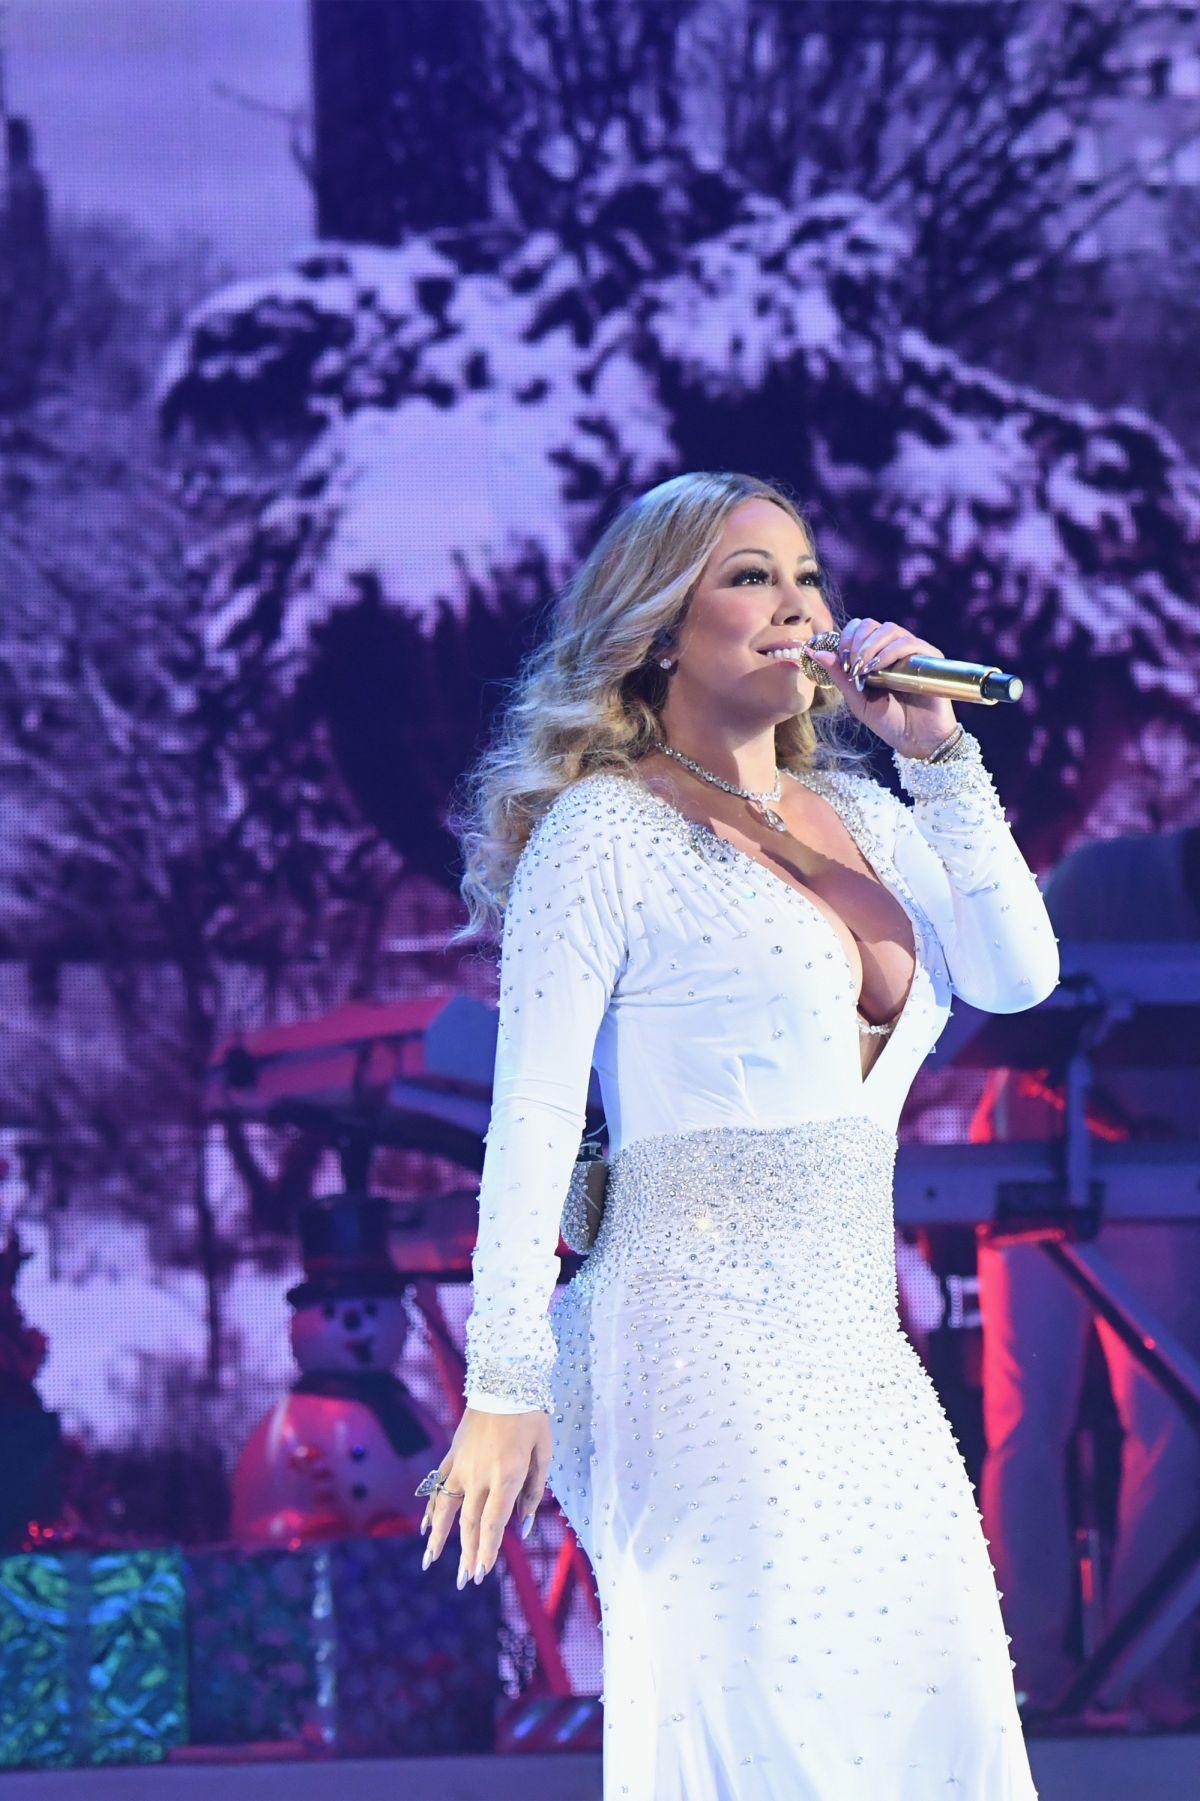 Mariah Carey Christmas Tour 2020 Beacon Theatre MARIAH CAREY Performs at Christmas Show at Beacon Theatre 12/05